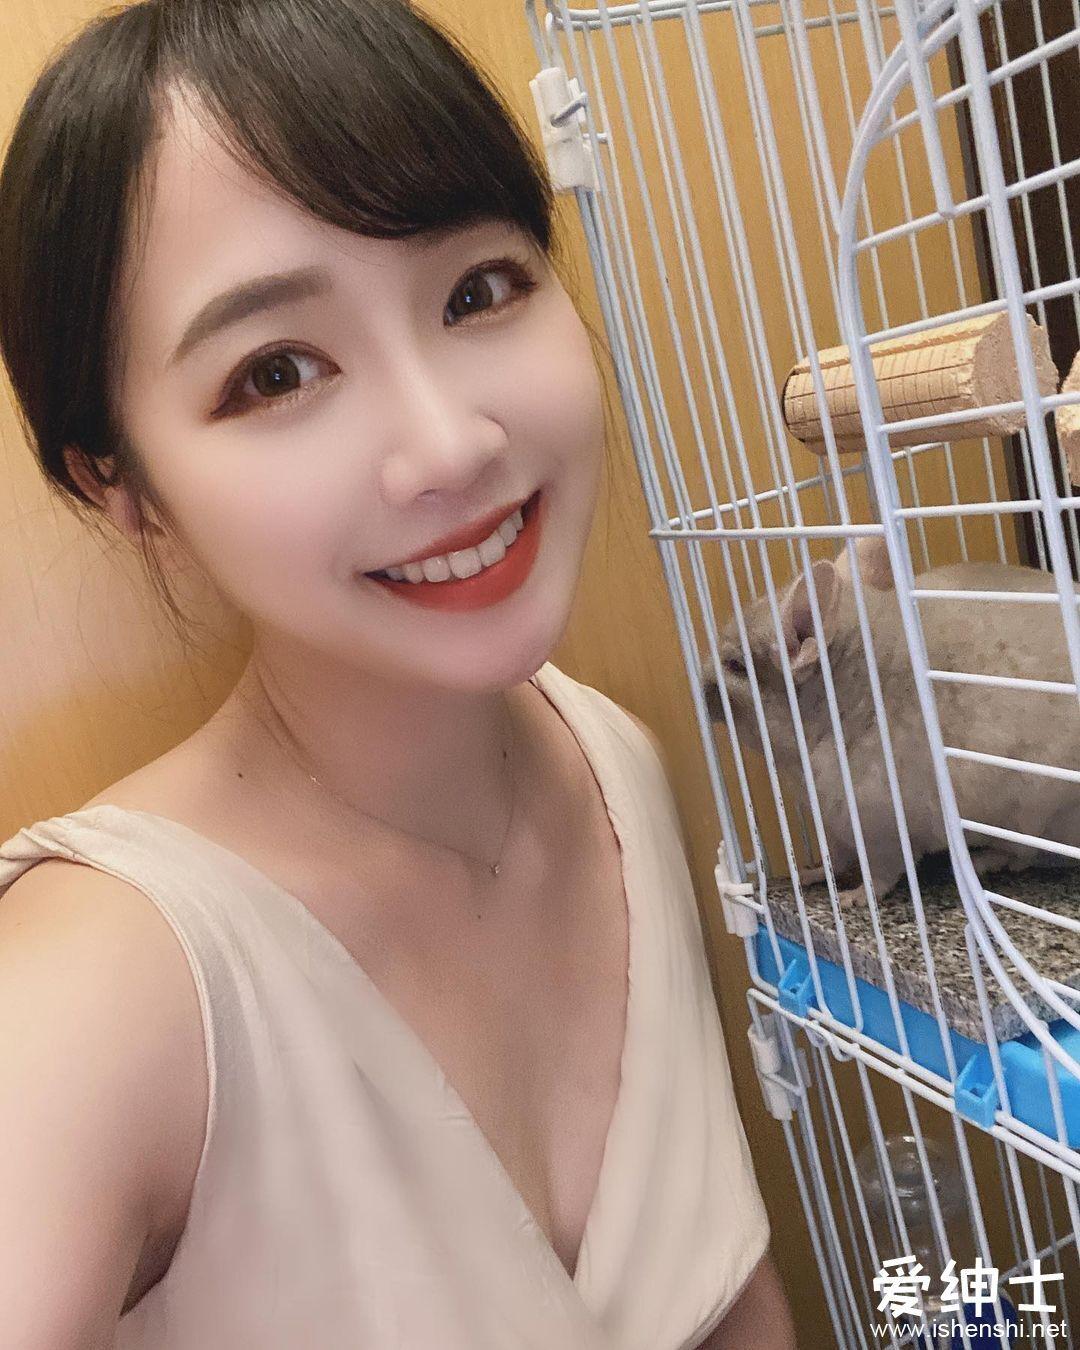 甜萌美女「Zina子韵」笑容治愈不开心,「粉嫩美乳」好Q软...